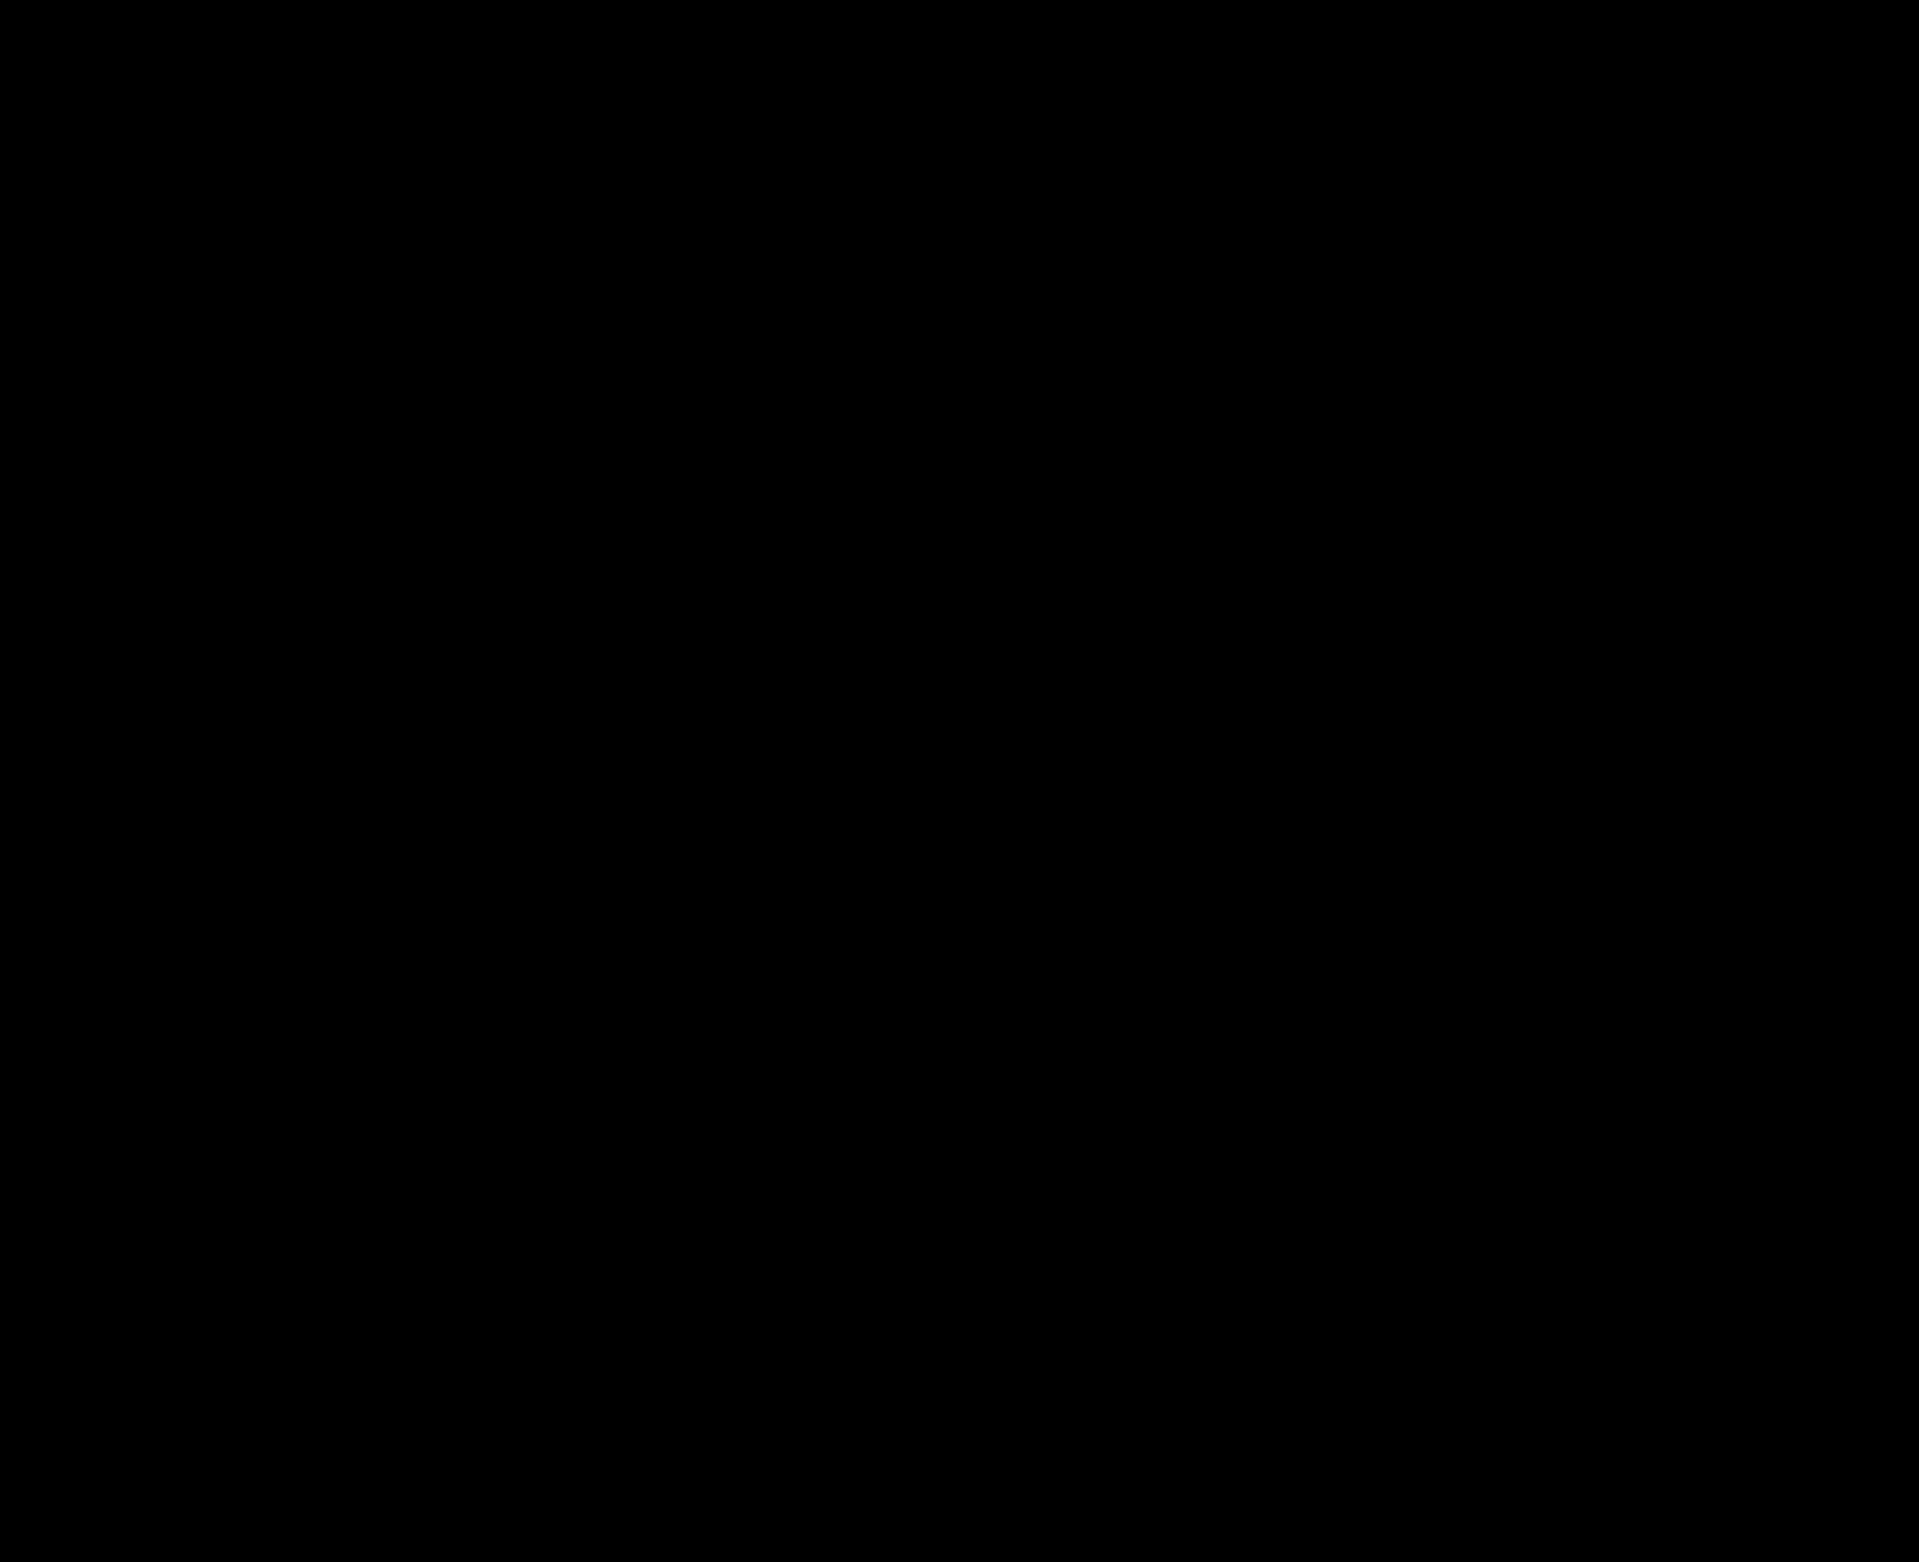 bres-bret-black-vert